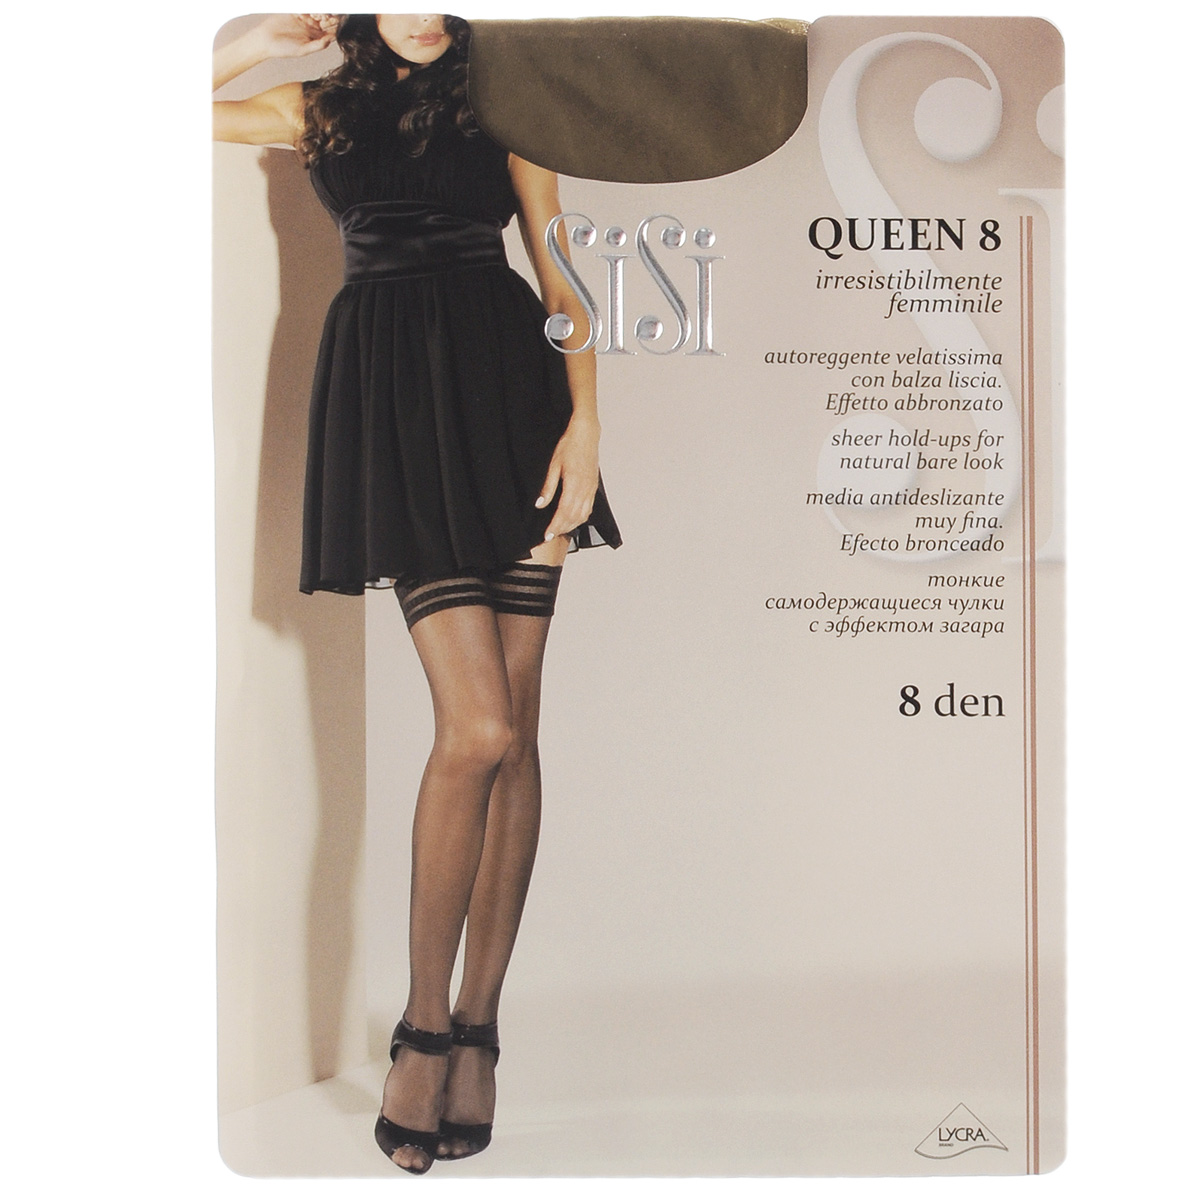 Чулки Sisi Queen 8, цвет: Ambra (бледно-коричневый). 99. Размер 2 (S) игровой супермаркет звуковой с тележкой 17 предметов